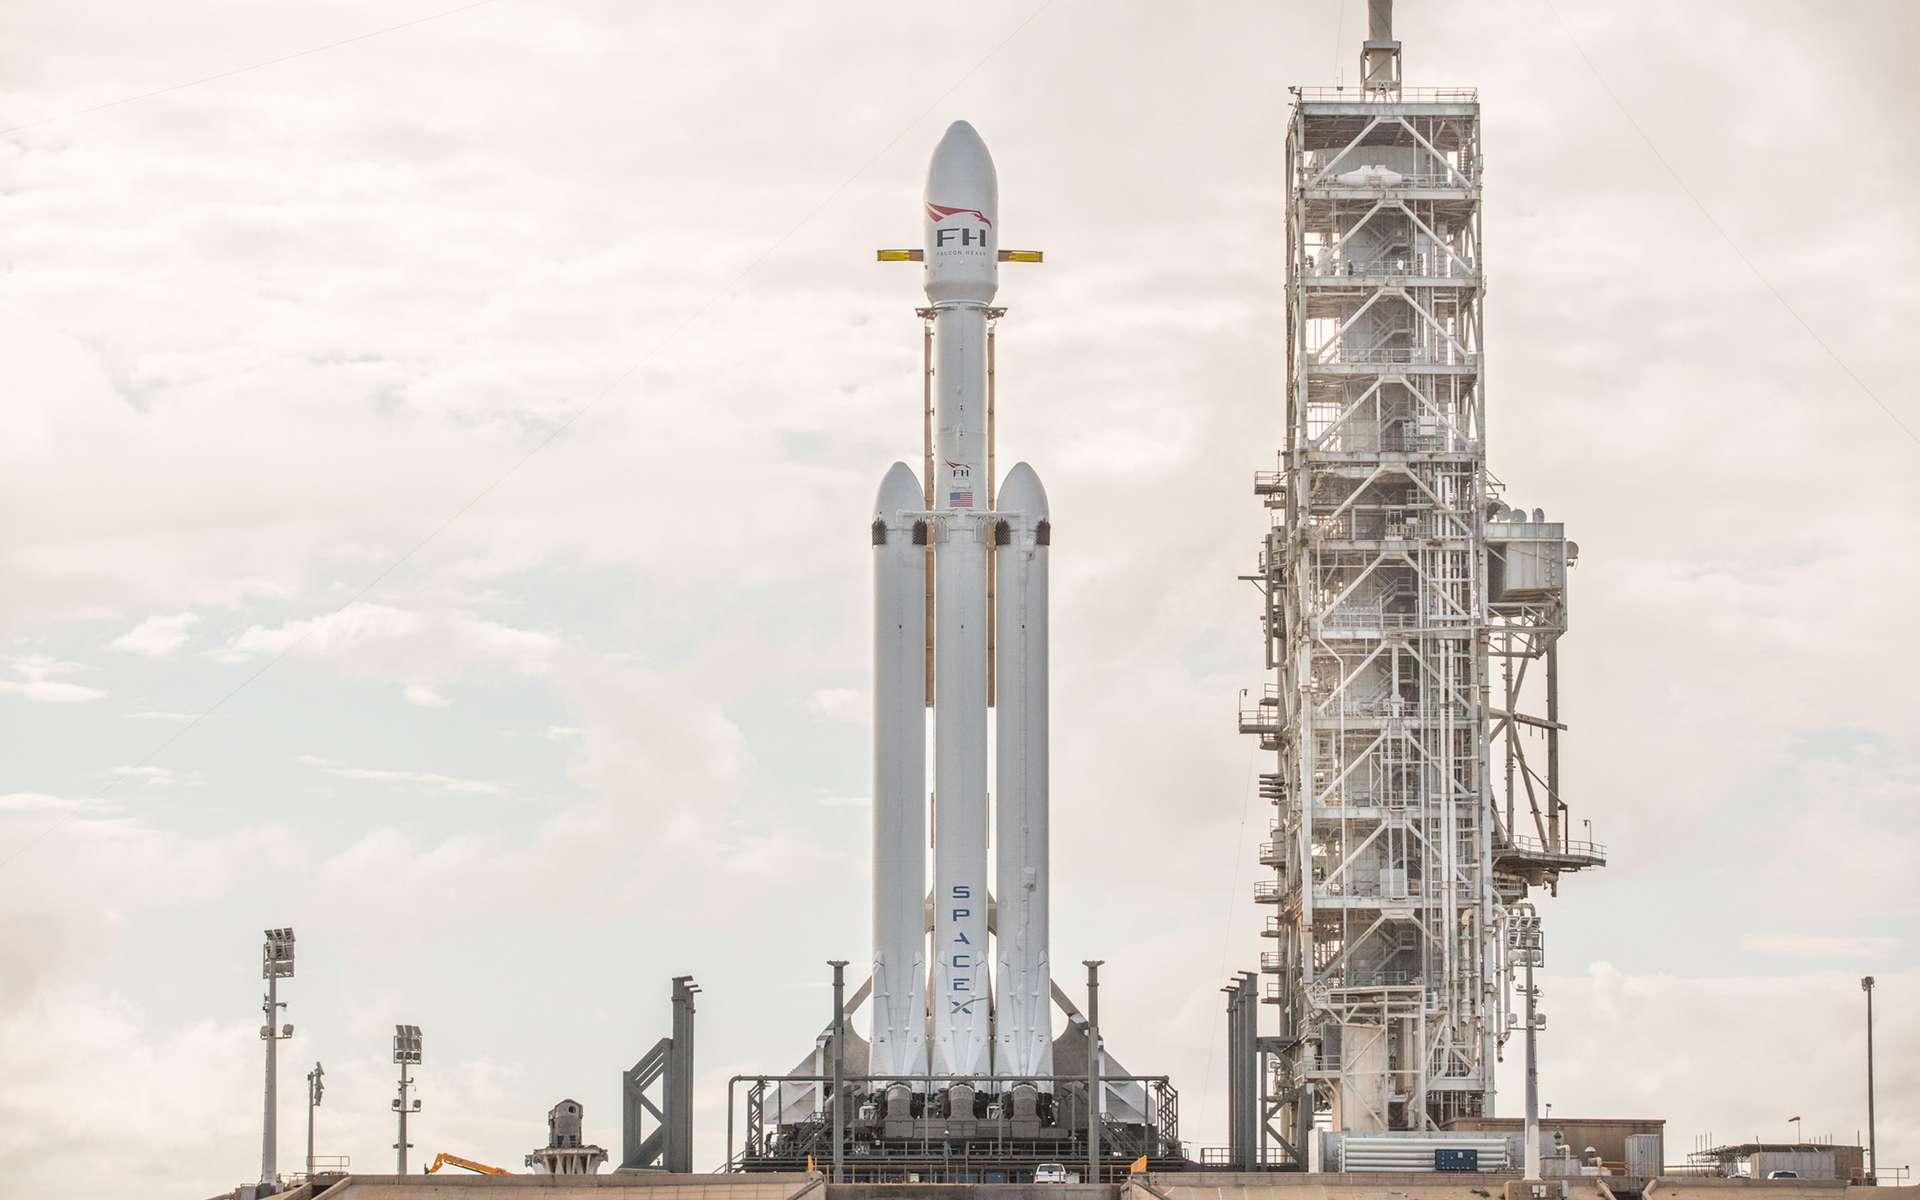 Le lanceur lourd Falcon Heavy de SpaceX sur sa rampe de lancement avant son vol inaugural, début février 2018. © SpaceX